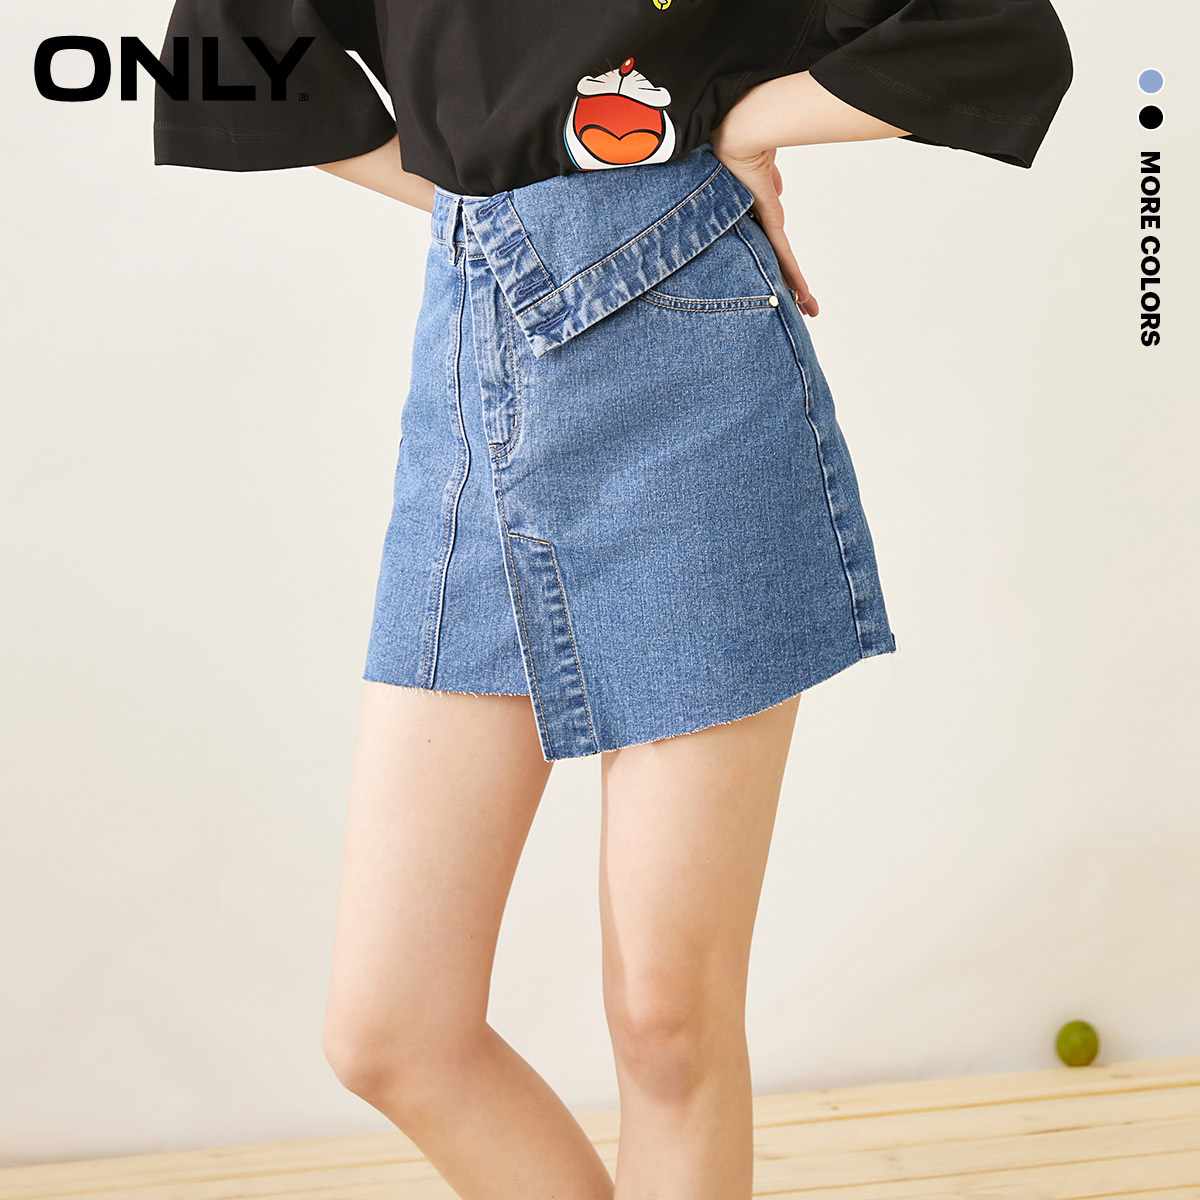 ONLY春季新款高腰时尚翻折不对称牛仔半身裙女|120337003